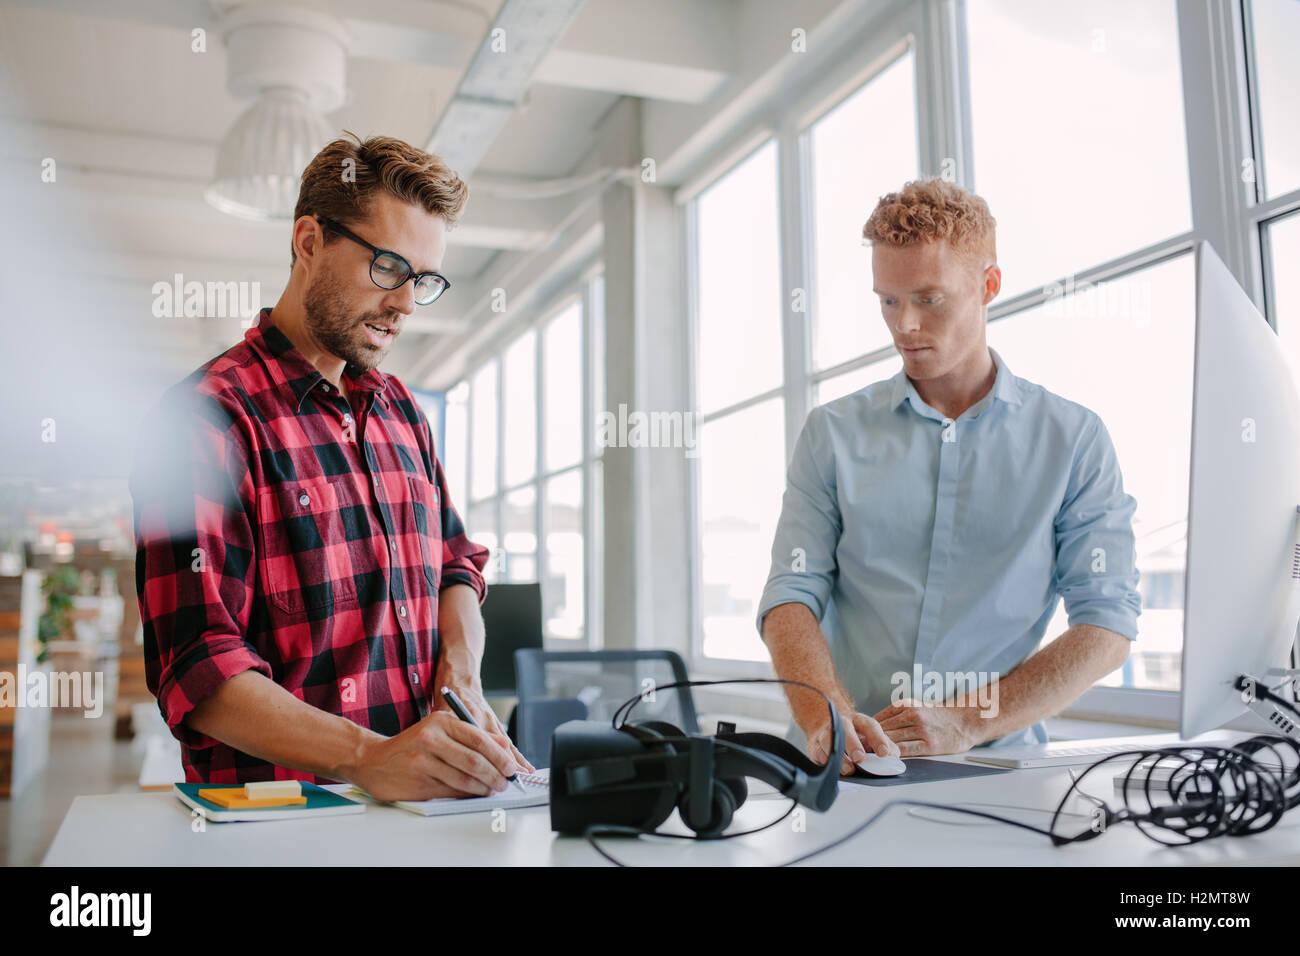 Dos jóvenes empresario trabajando juntos. Ellos están de pie en una mesa con gafas de realidad virtual. Imagen De Stock